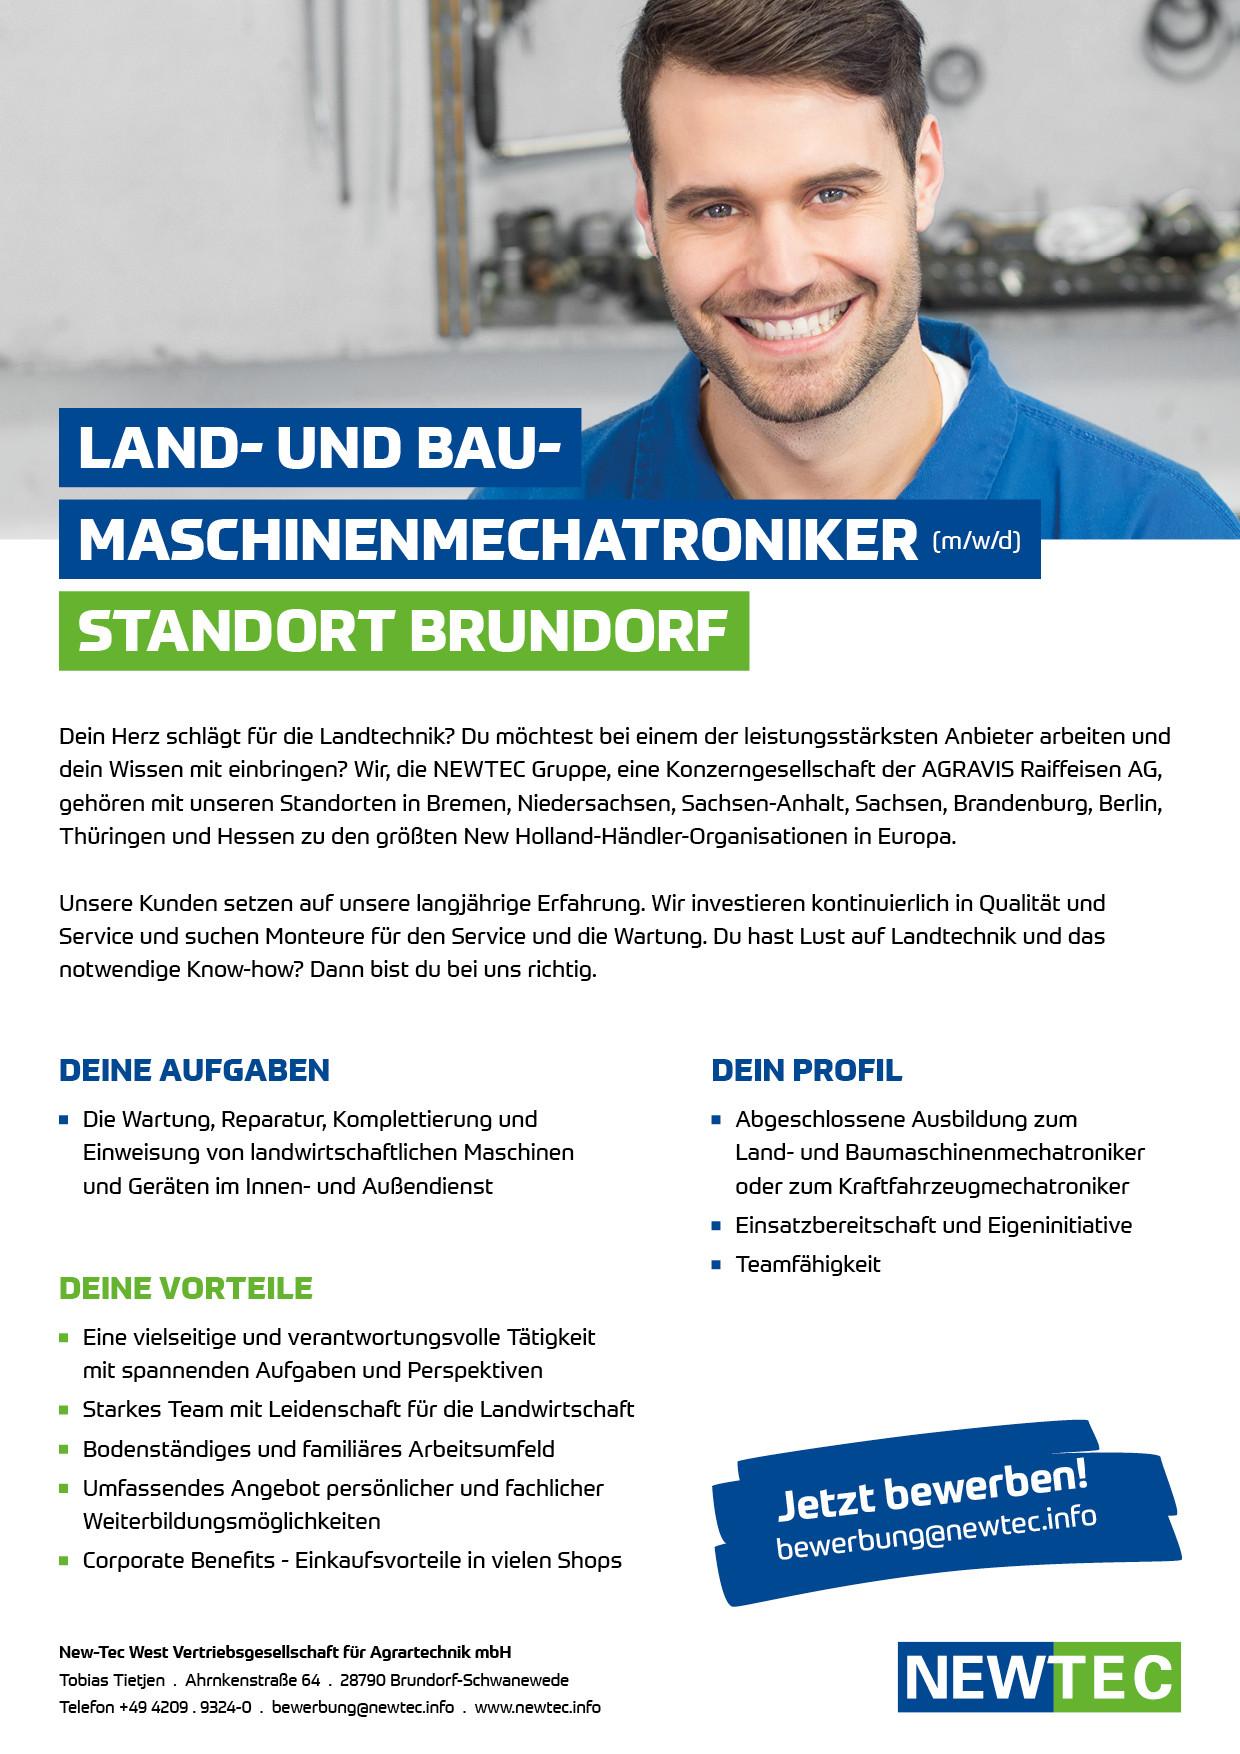 SCREEN_TE-NTHOL-2021-29674_Stellenanzeige_Land-und-Baumaschinenmechatroniker_Brundorf